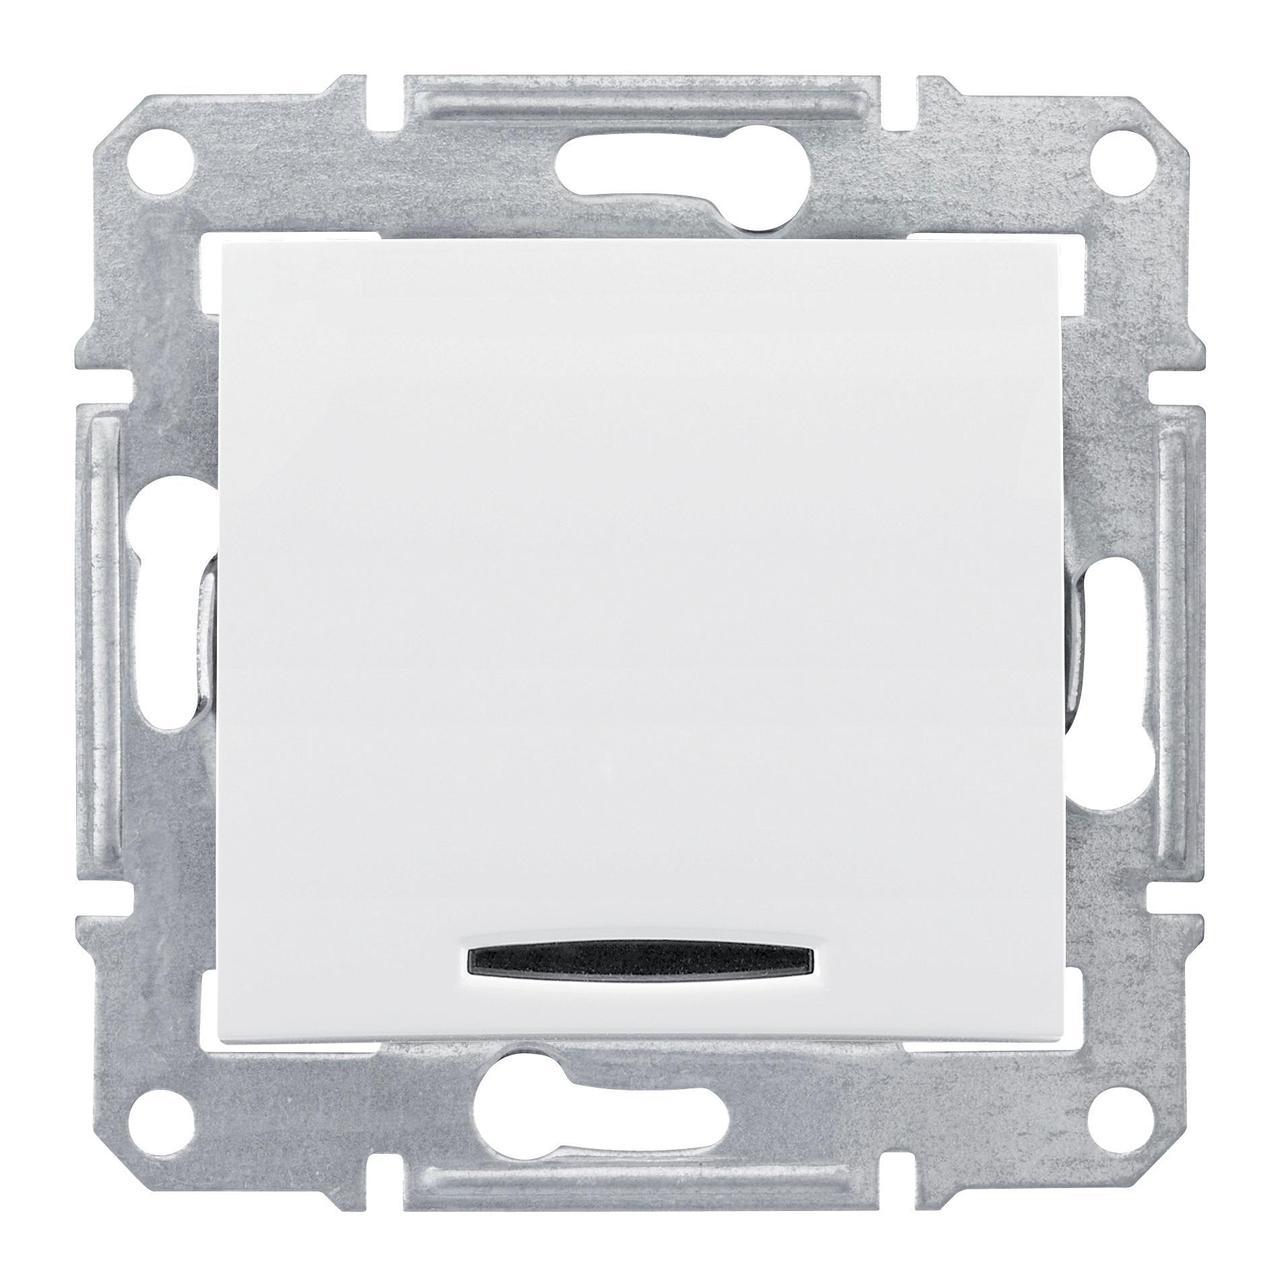 Выключатель 1-клавишный ,проходной с подсветкой (с двух мест) 16А , Белый, серия Sedna, Schneider Electric